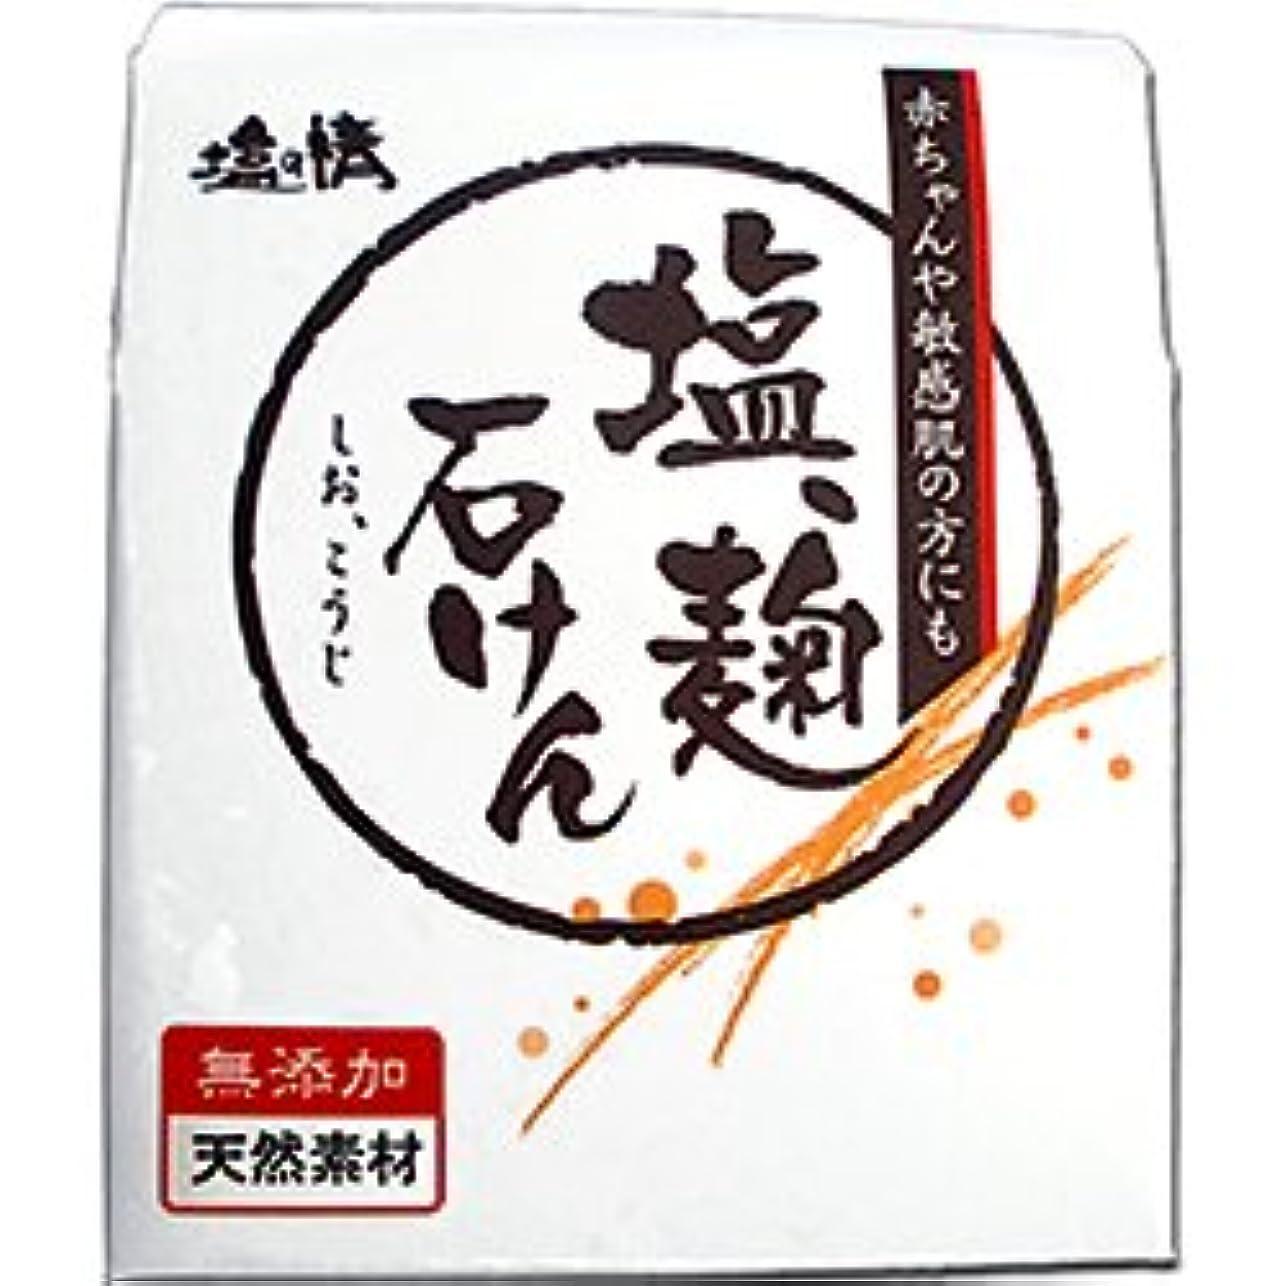 見つけた我慢するキリマンジャロ【ダイムヘルスケア】塩の精 塩、麹石けん(しお、こうじせっけん) 無添加?天然素材 80g ×5個セット